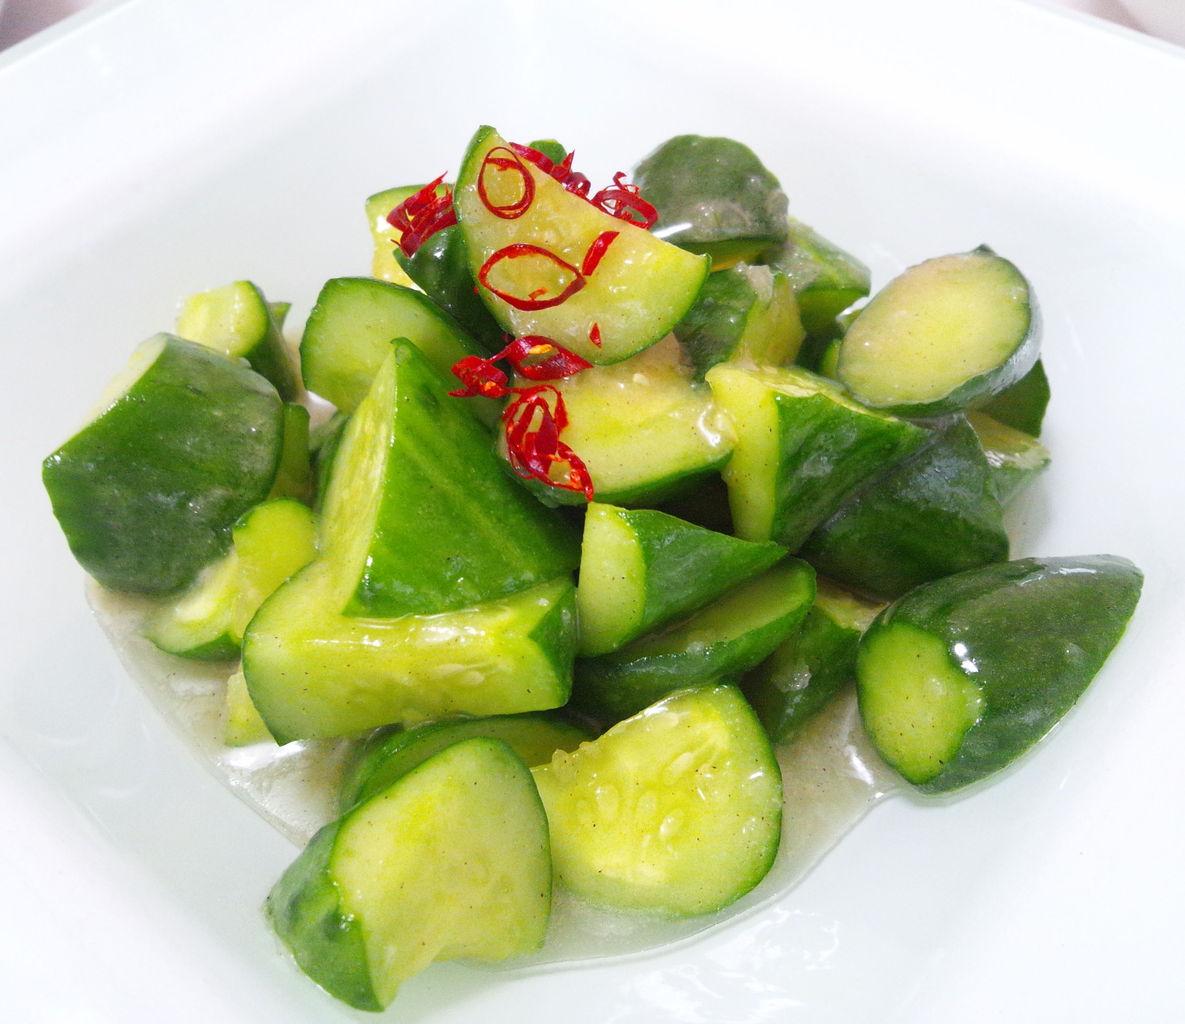 きゅうりde中華Cooking♪爽やかな食感を活かした中華風noお総菜♪のサムネイル画像